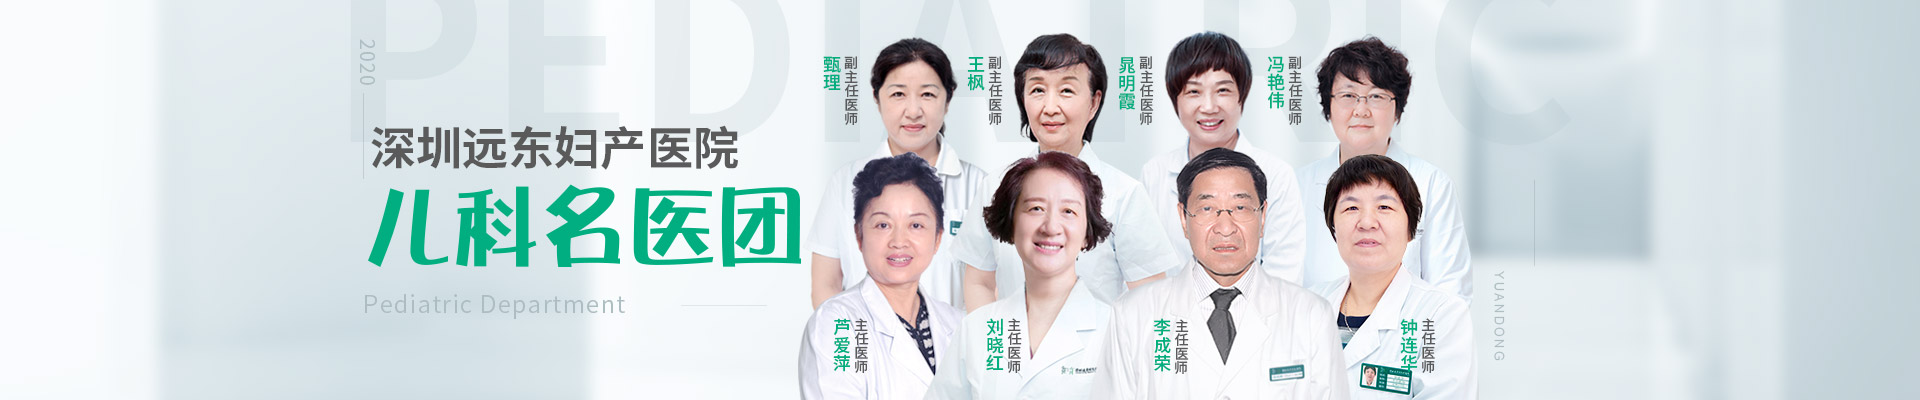 儿科医生团队